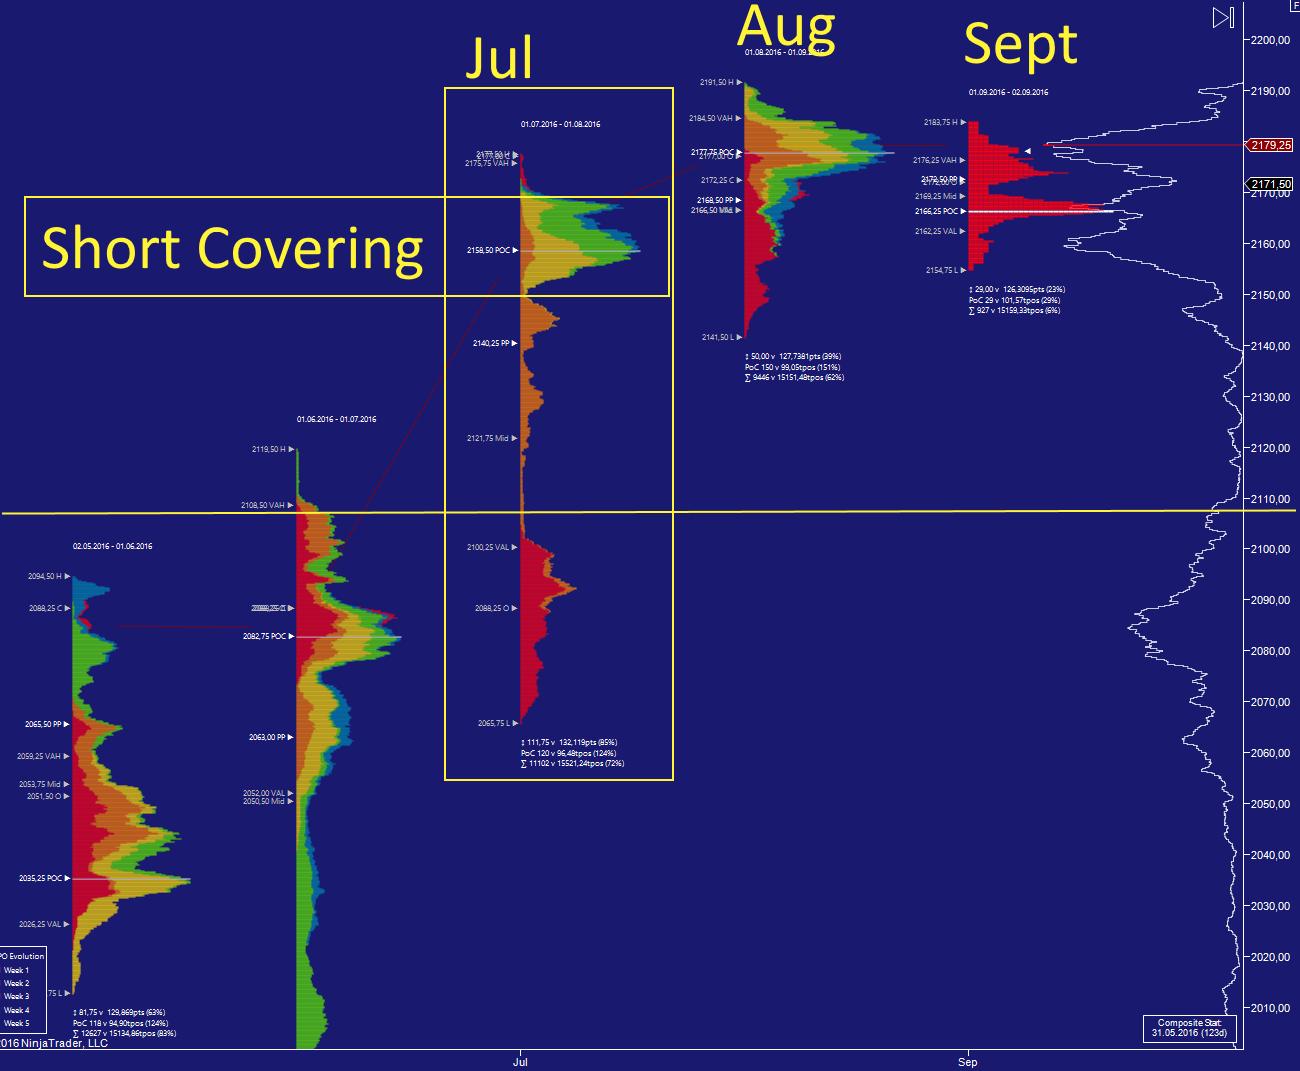 shortcovering - Divergierende Wahrnehmungen durch das Marktprofil